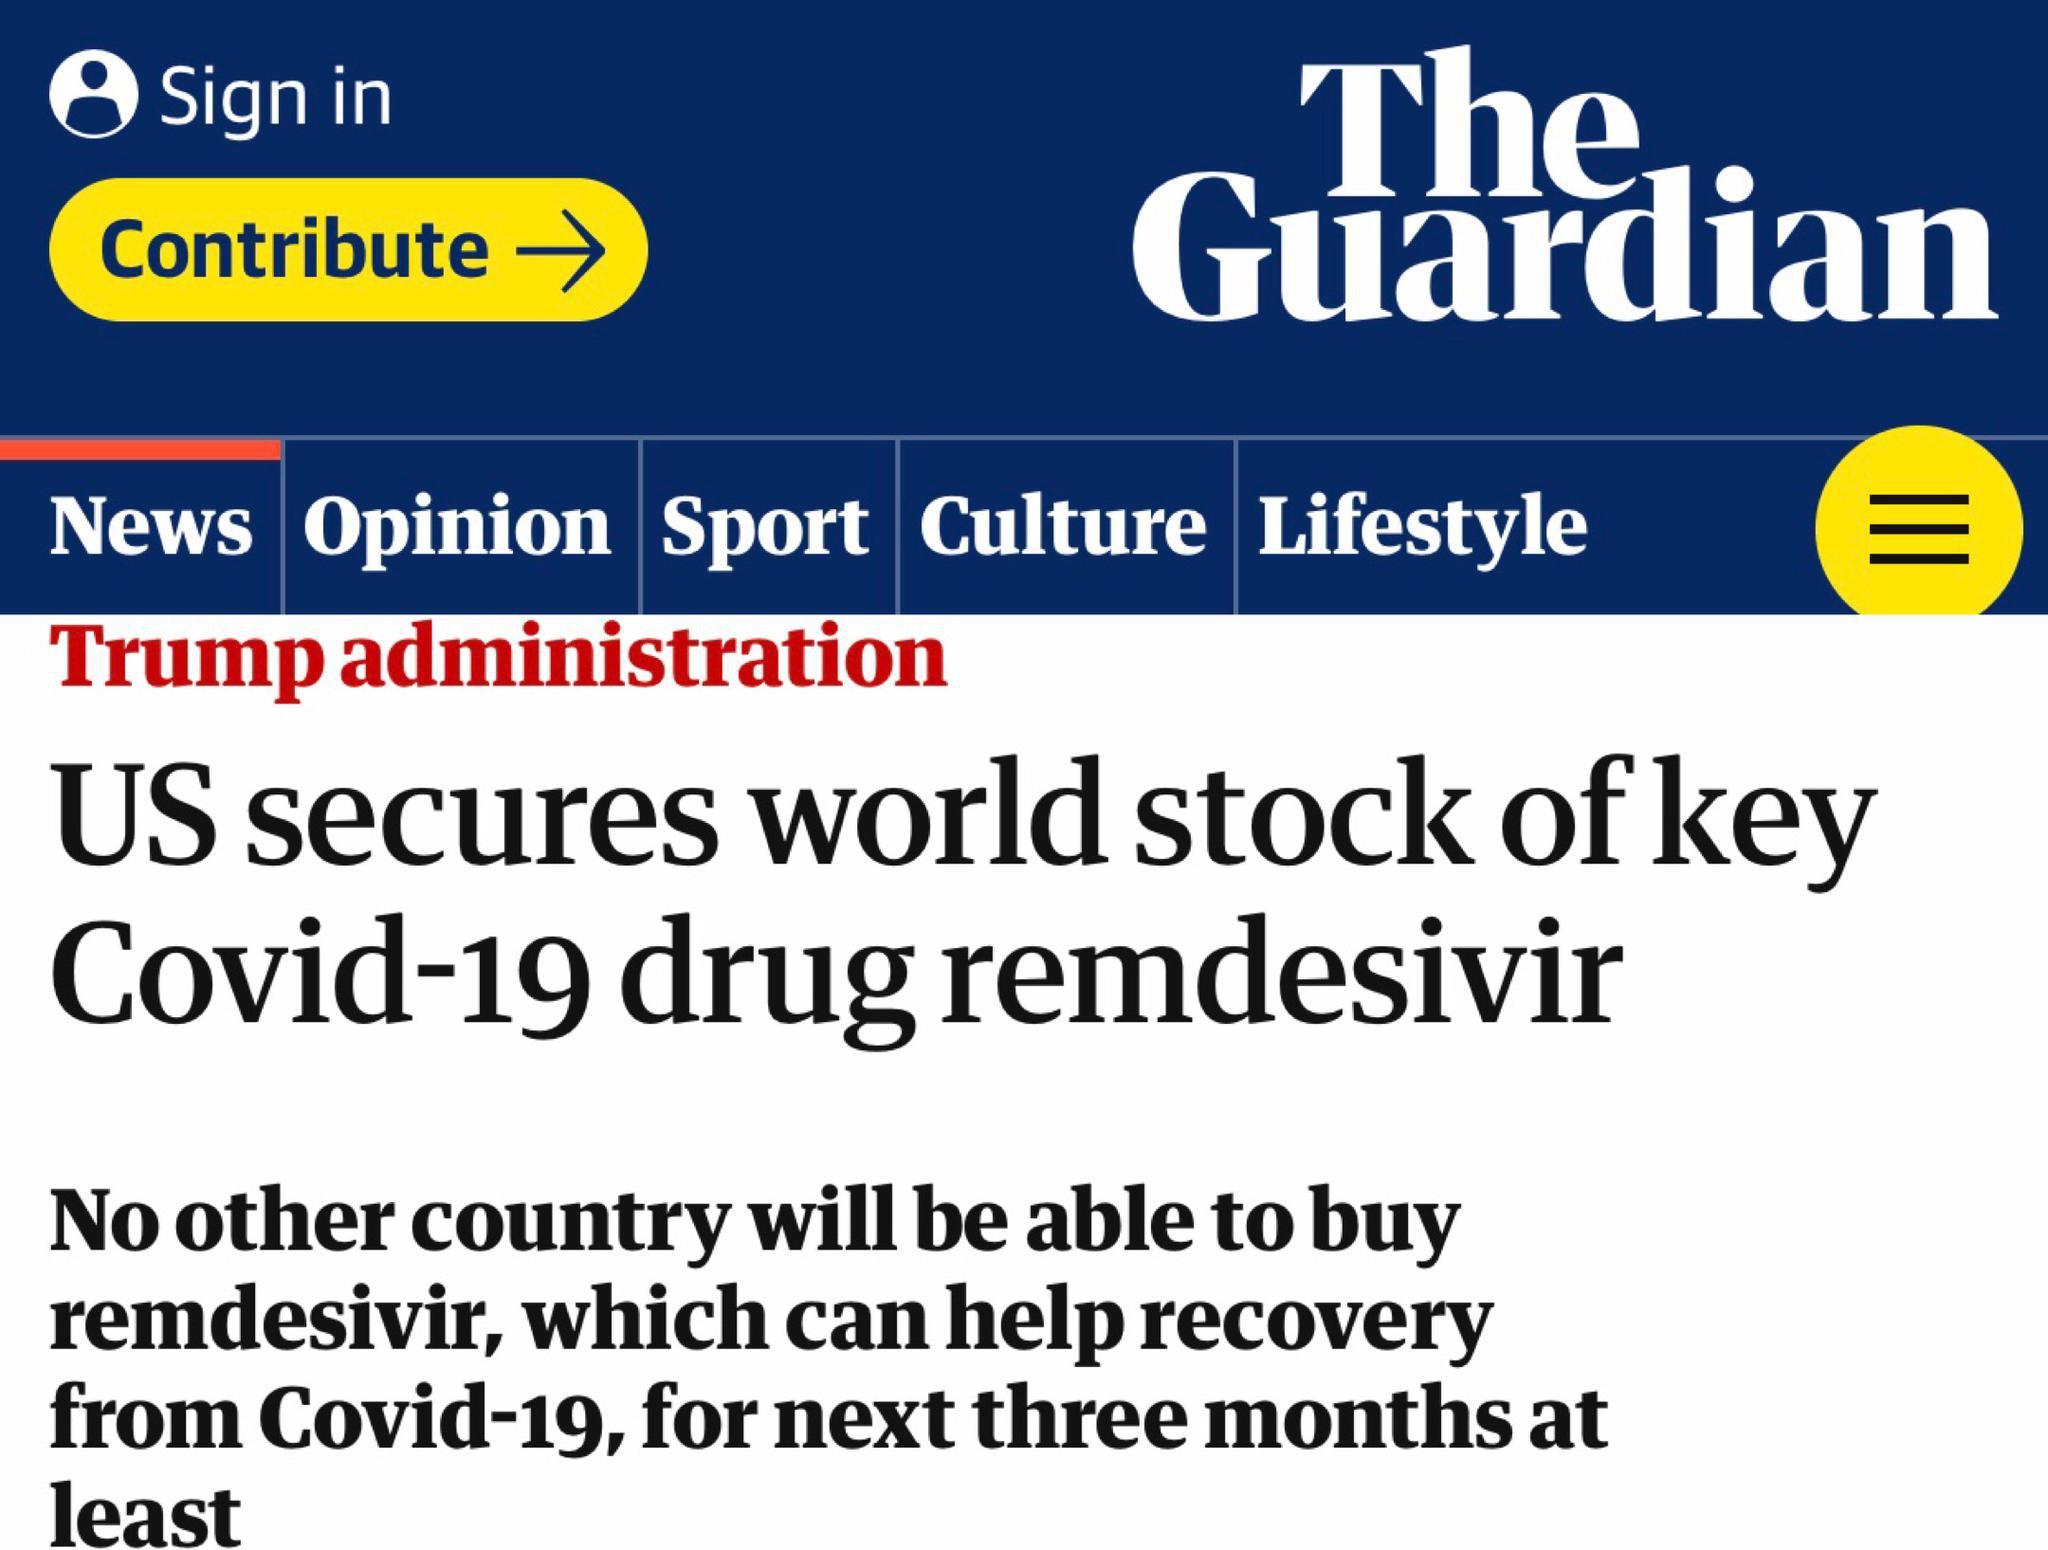 """美国霸道""""买断""""瑞德西韦 盟友:别自尝恶果修正药业集团"""